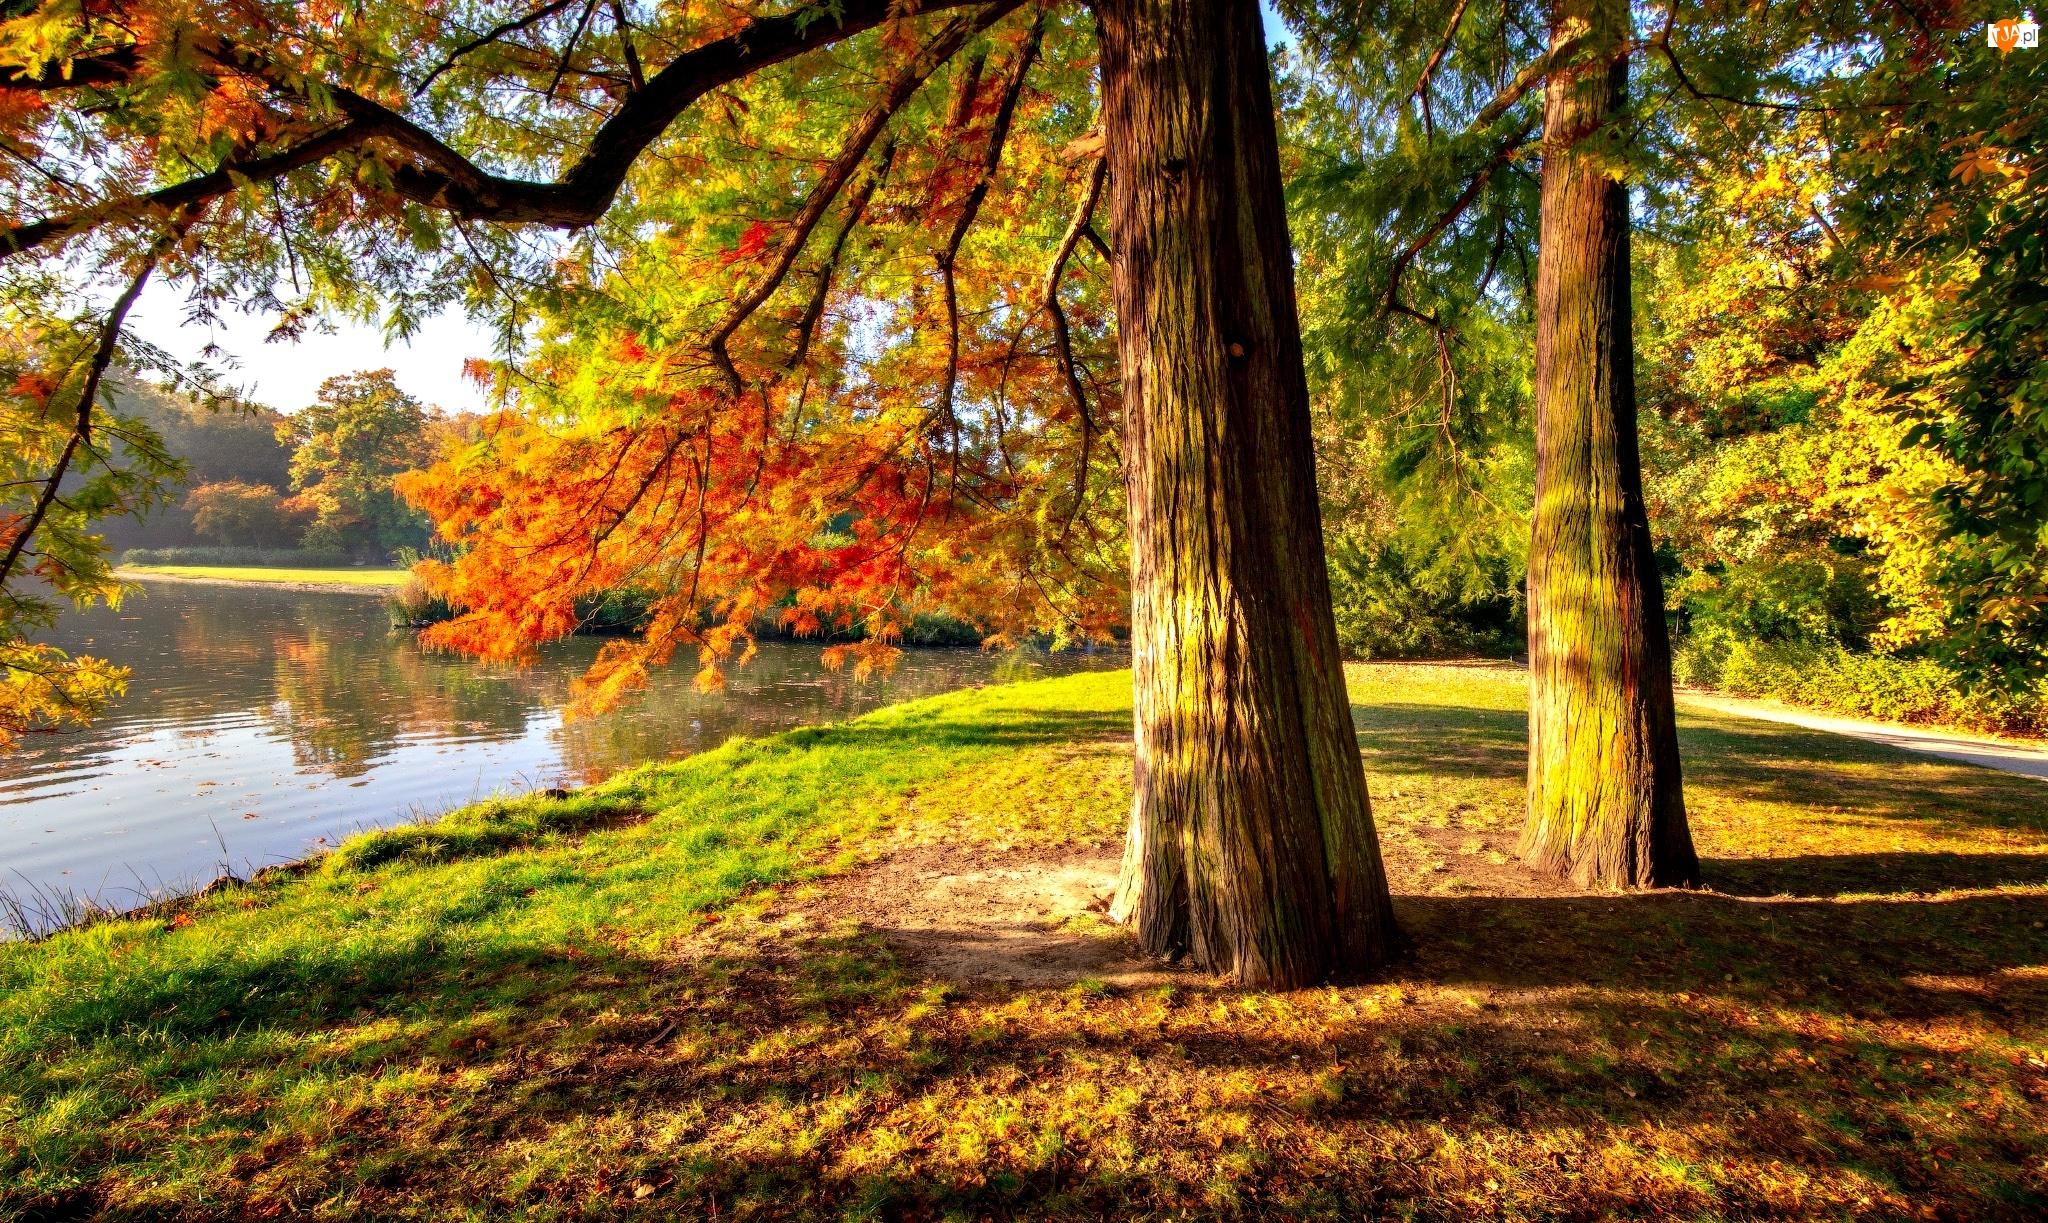 Jesień, Park, Drzewa, Staw